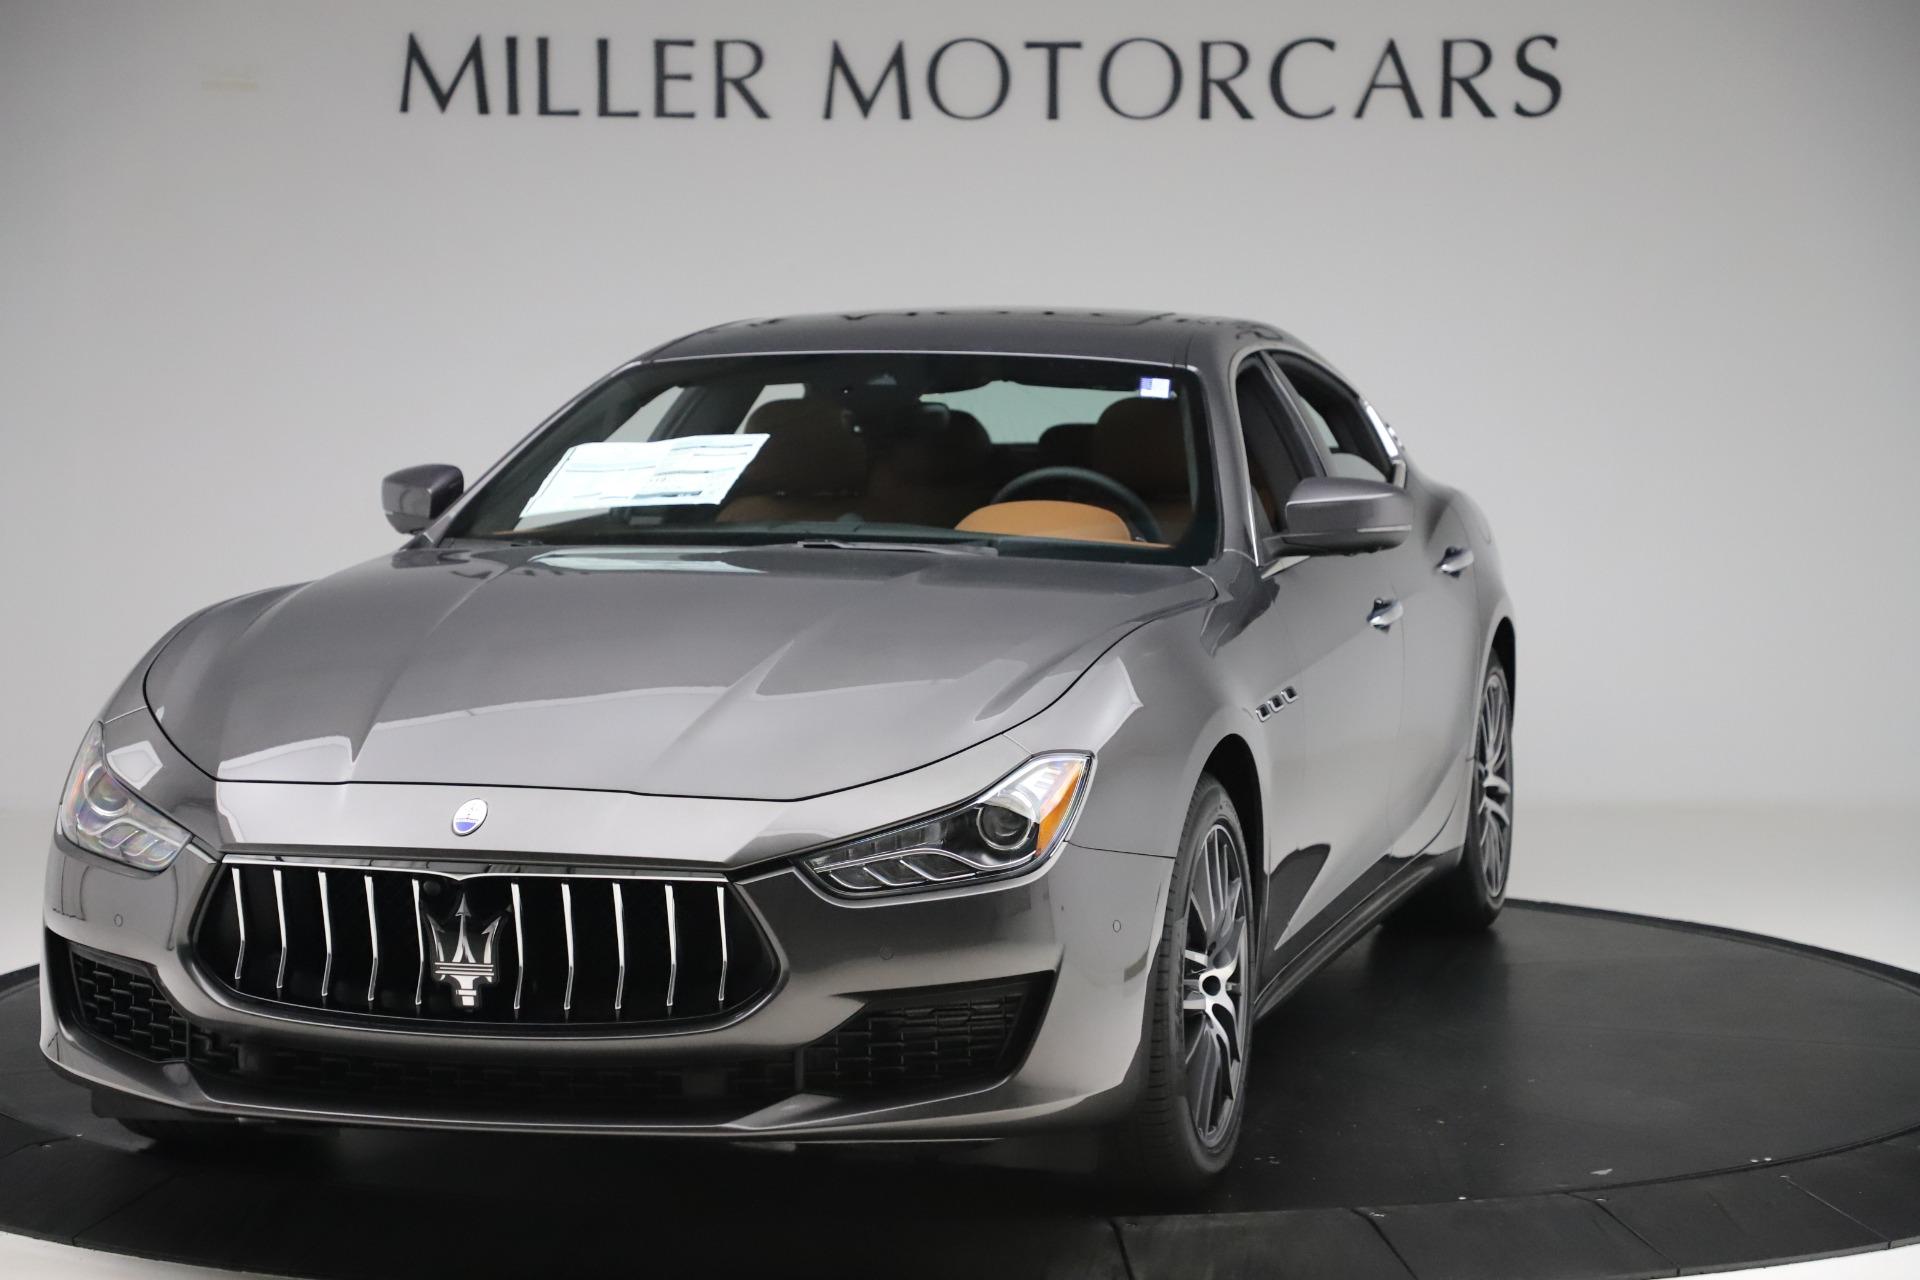 New 2020 Maserati Ghibli S Q4 for sale $86,285 at Alfa Romeo of Westport in Westport CT 06880 1